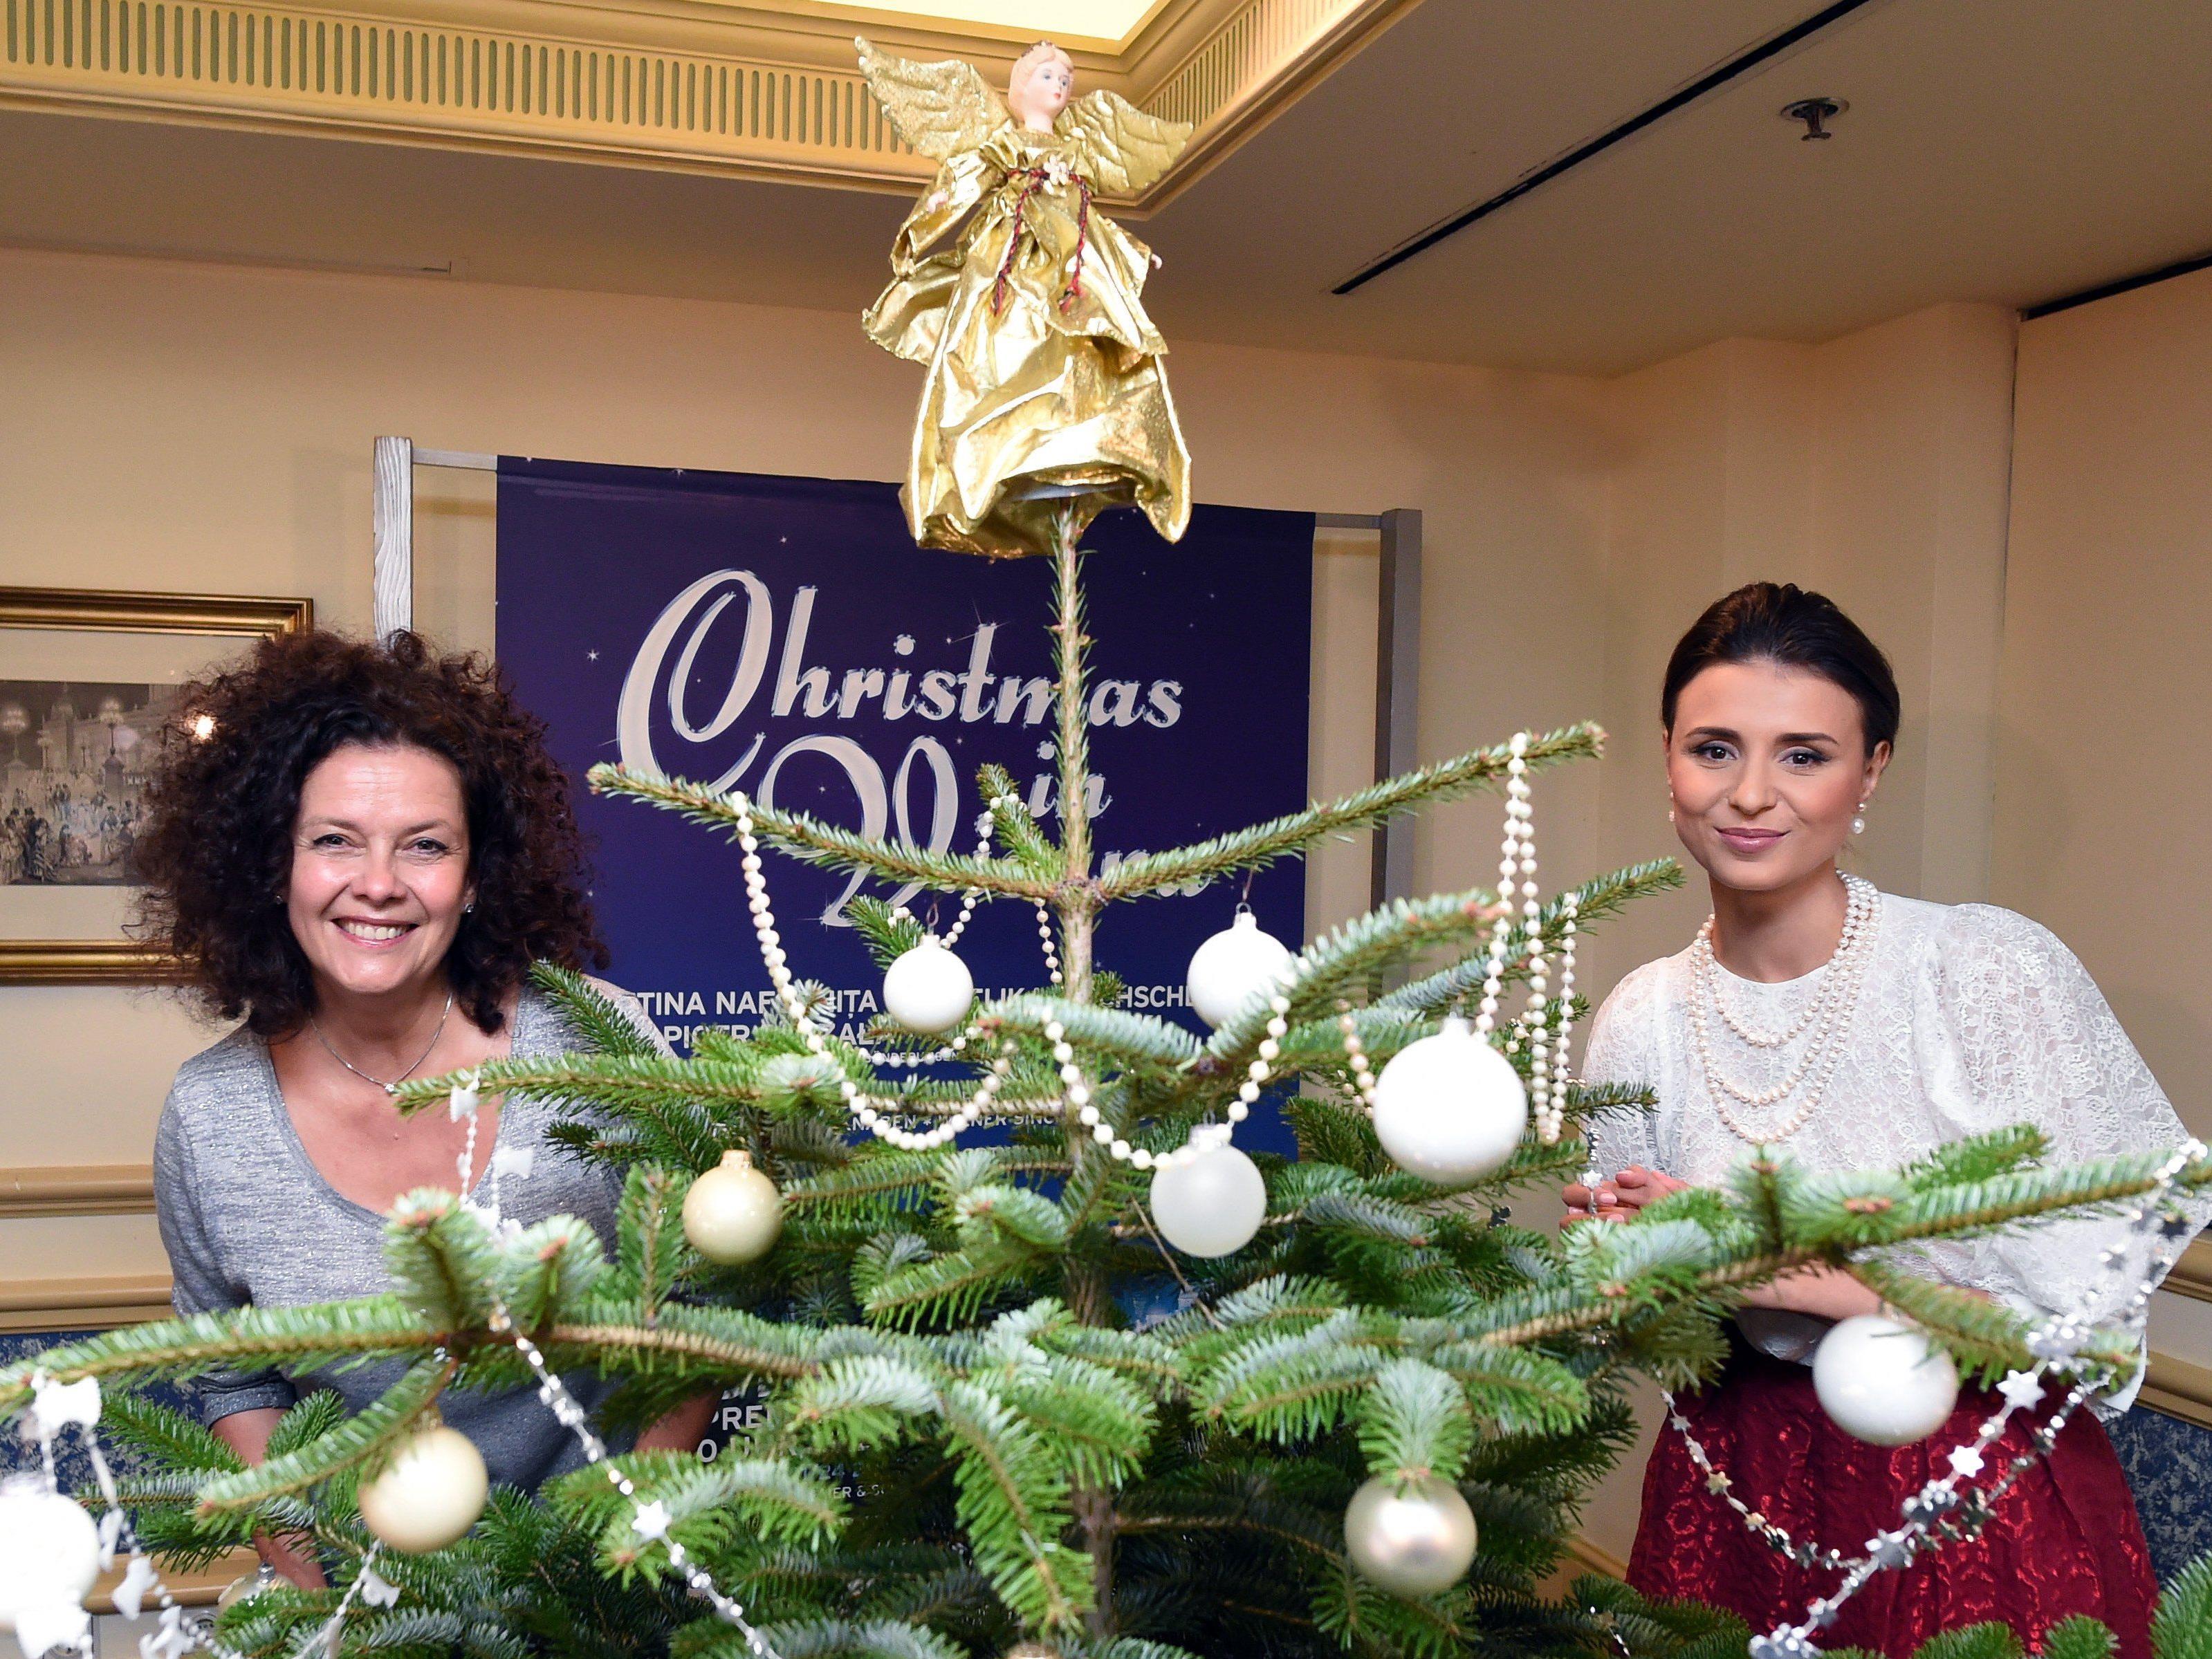 Sängerin Angelika Kirschlaga und Valentina Nafornita bei der Pressekonferenz in Wien.